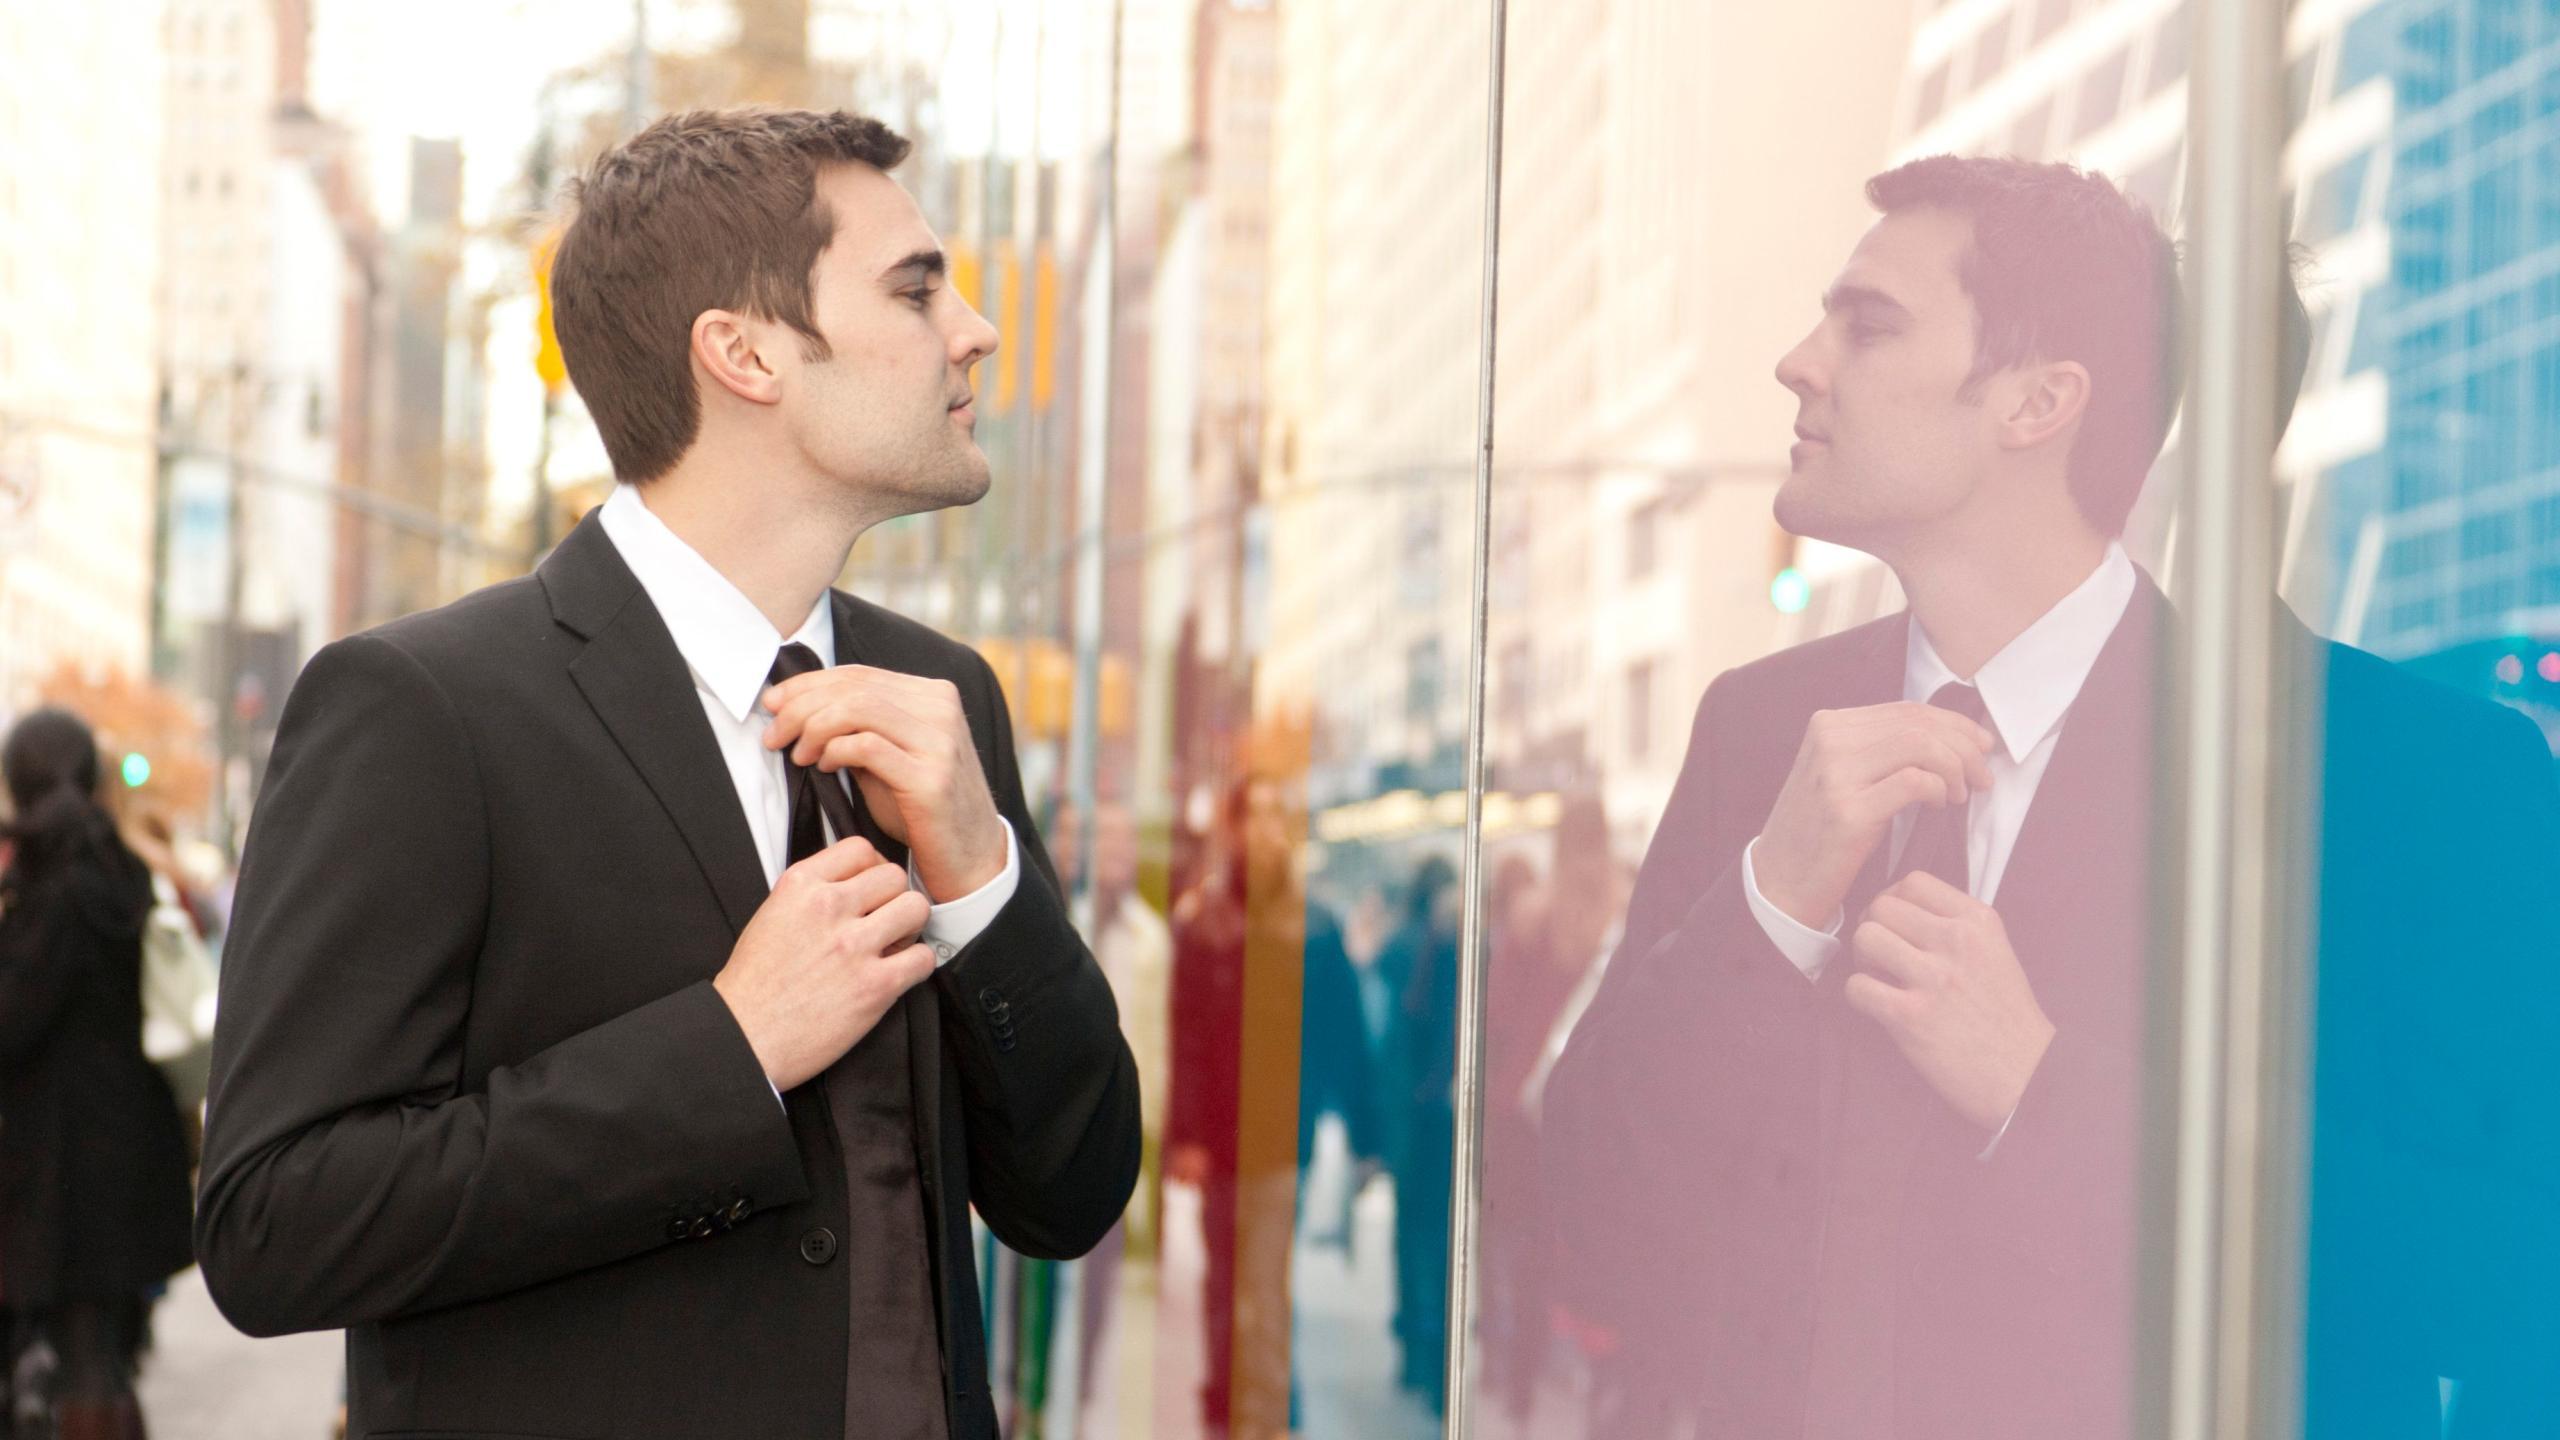 Самовлюбленные люди одобрили социальное неравенство